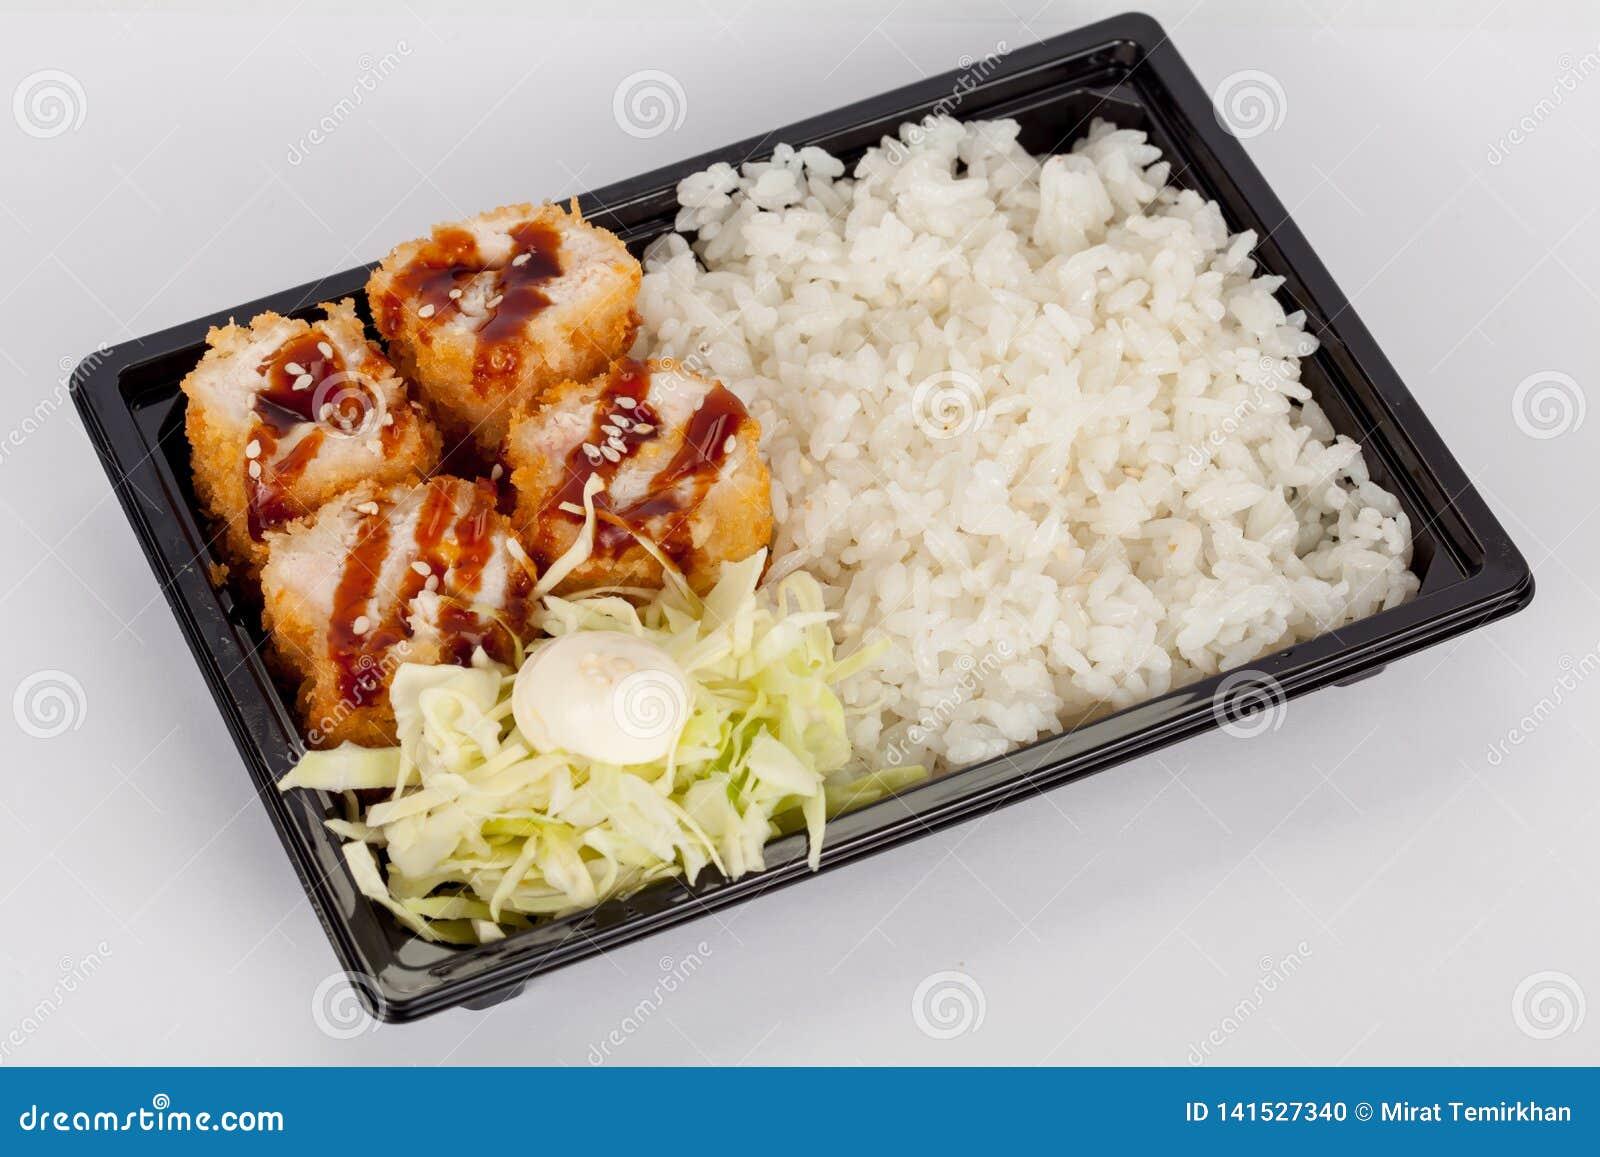 Japanse nationale populaire keuken Sushi, rijst en vissen Smakelijk, prachtig gediend voedsel in een restaurant, koffie